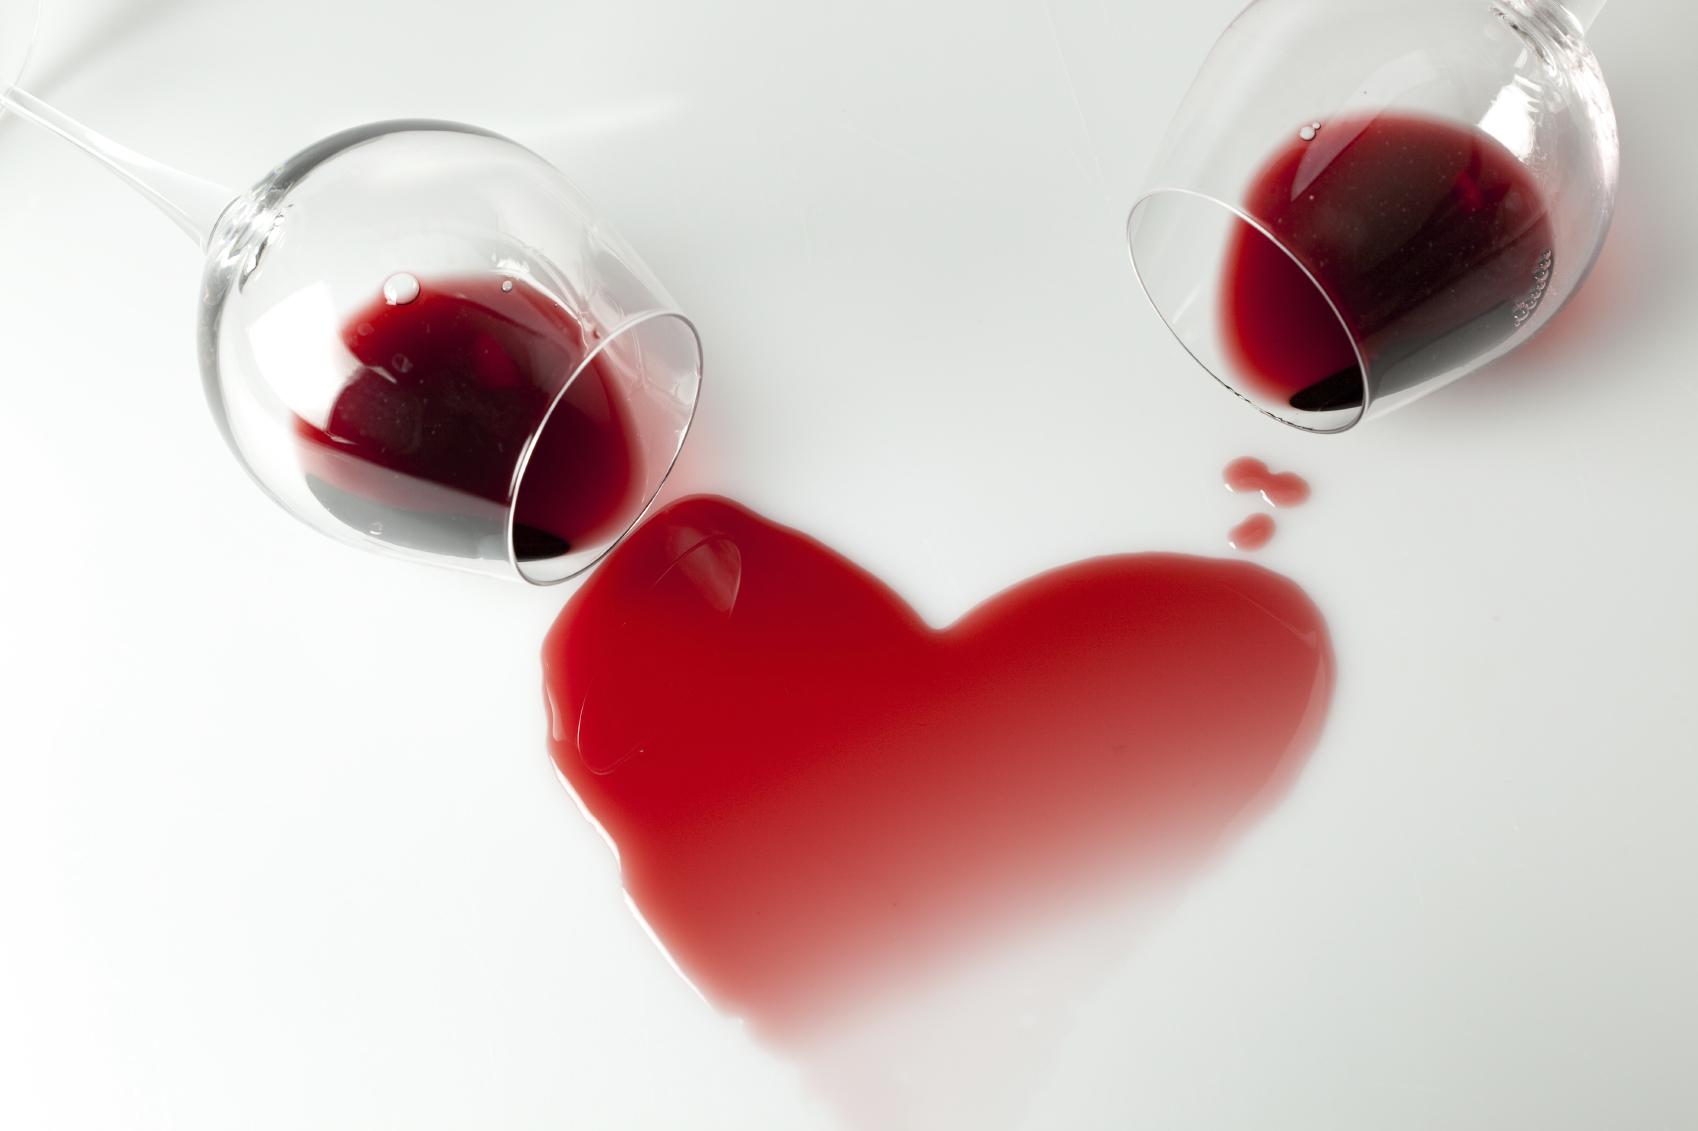 Καρδιά και αλκόολ: Ποιός κίνδυνος αυξάνεται με το ποτό;